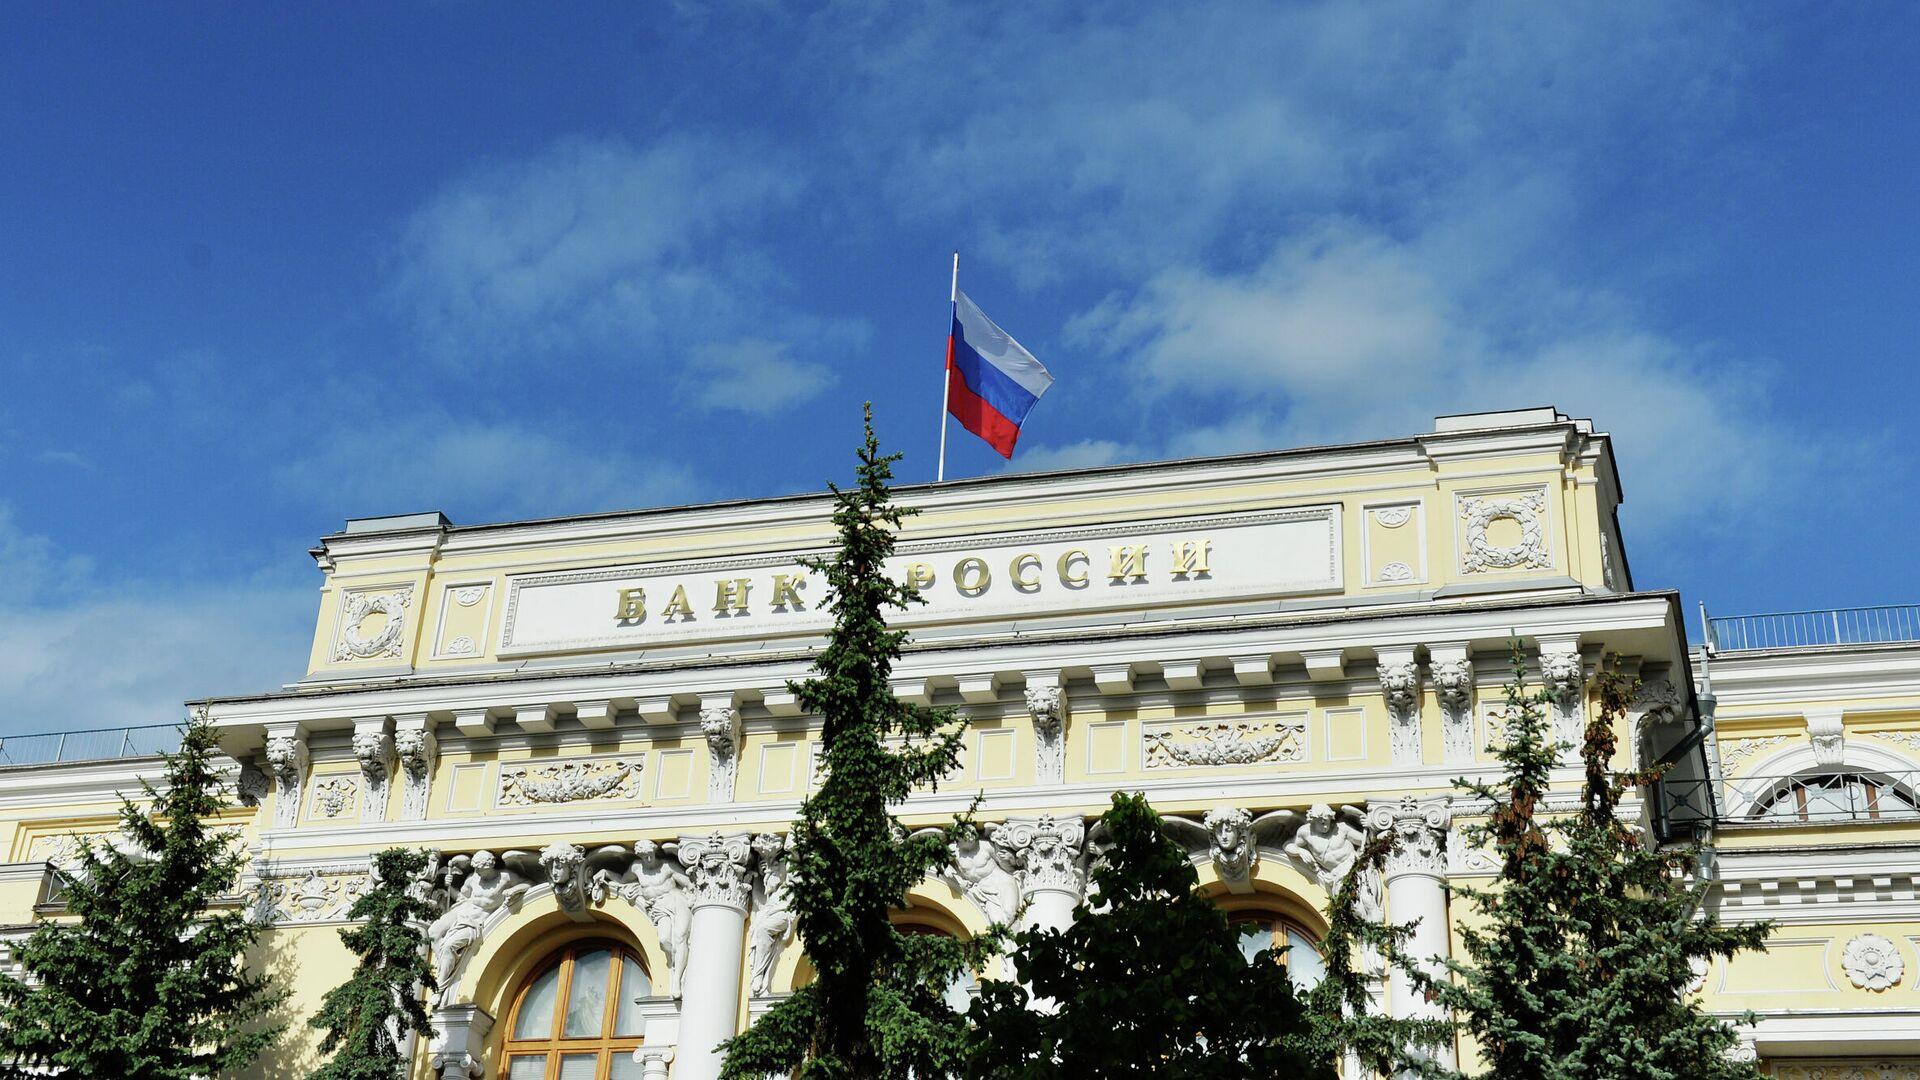 Здание Центрального банка России  - РИА Новости, 1920, 16.02.2021